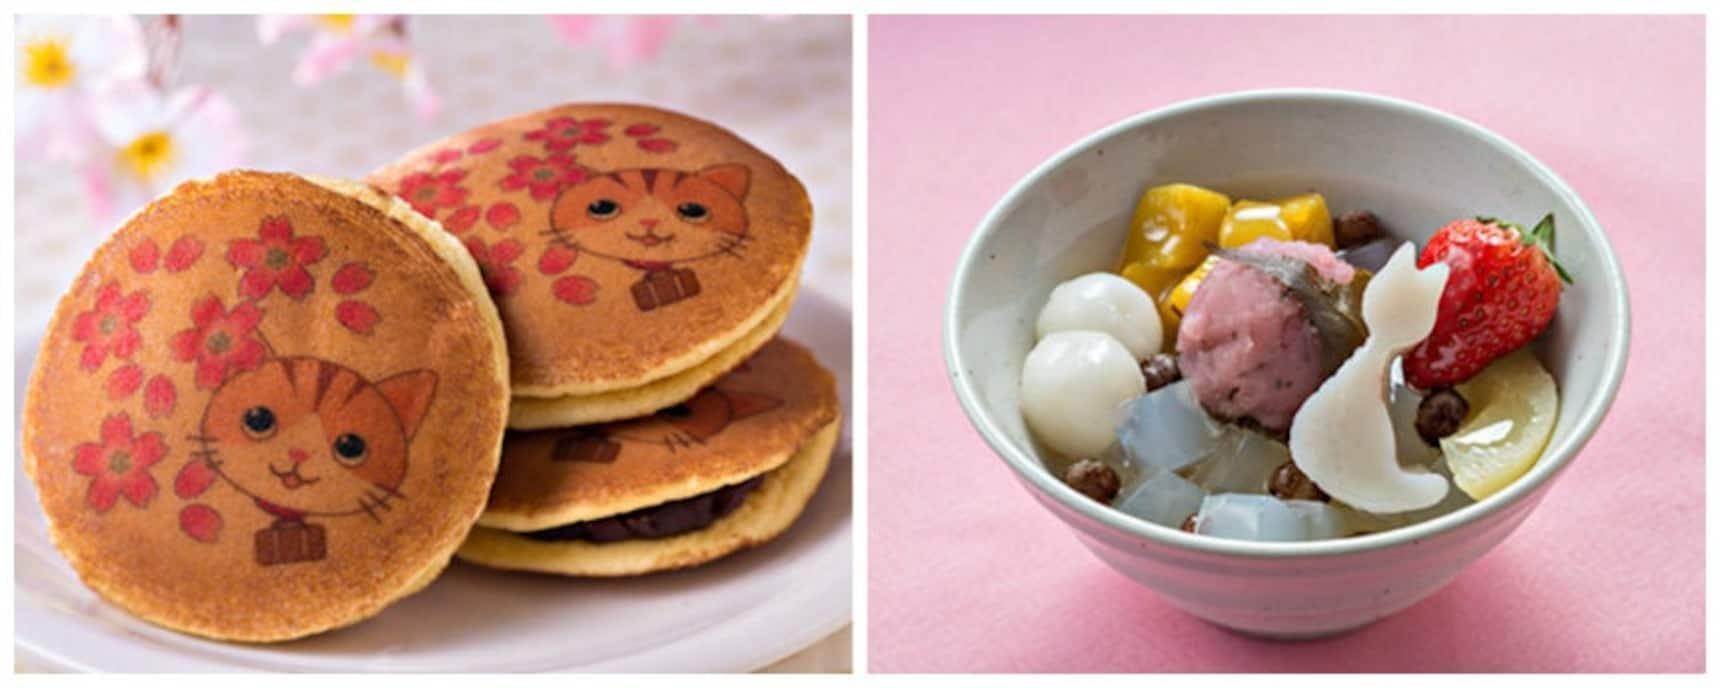 귀여운 디저트의 세계: 고양이 그리고 벚꽃!?